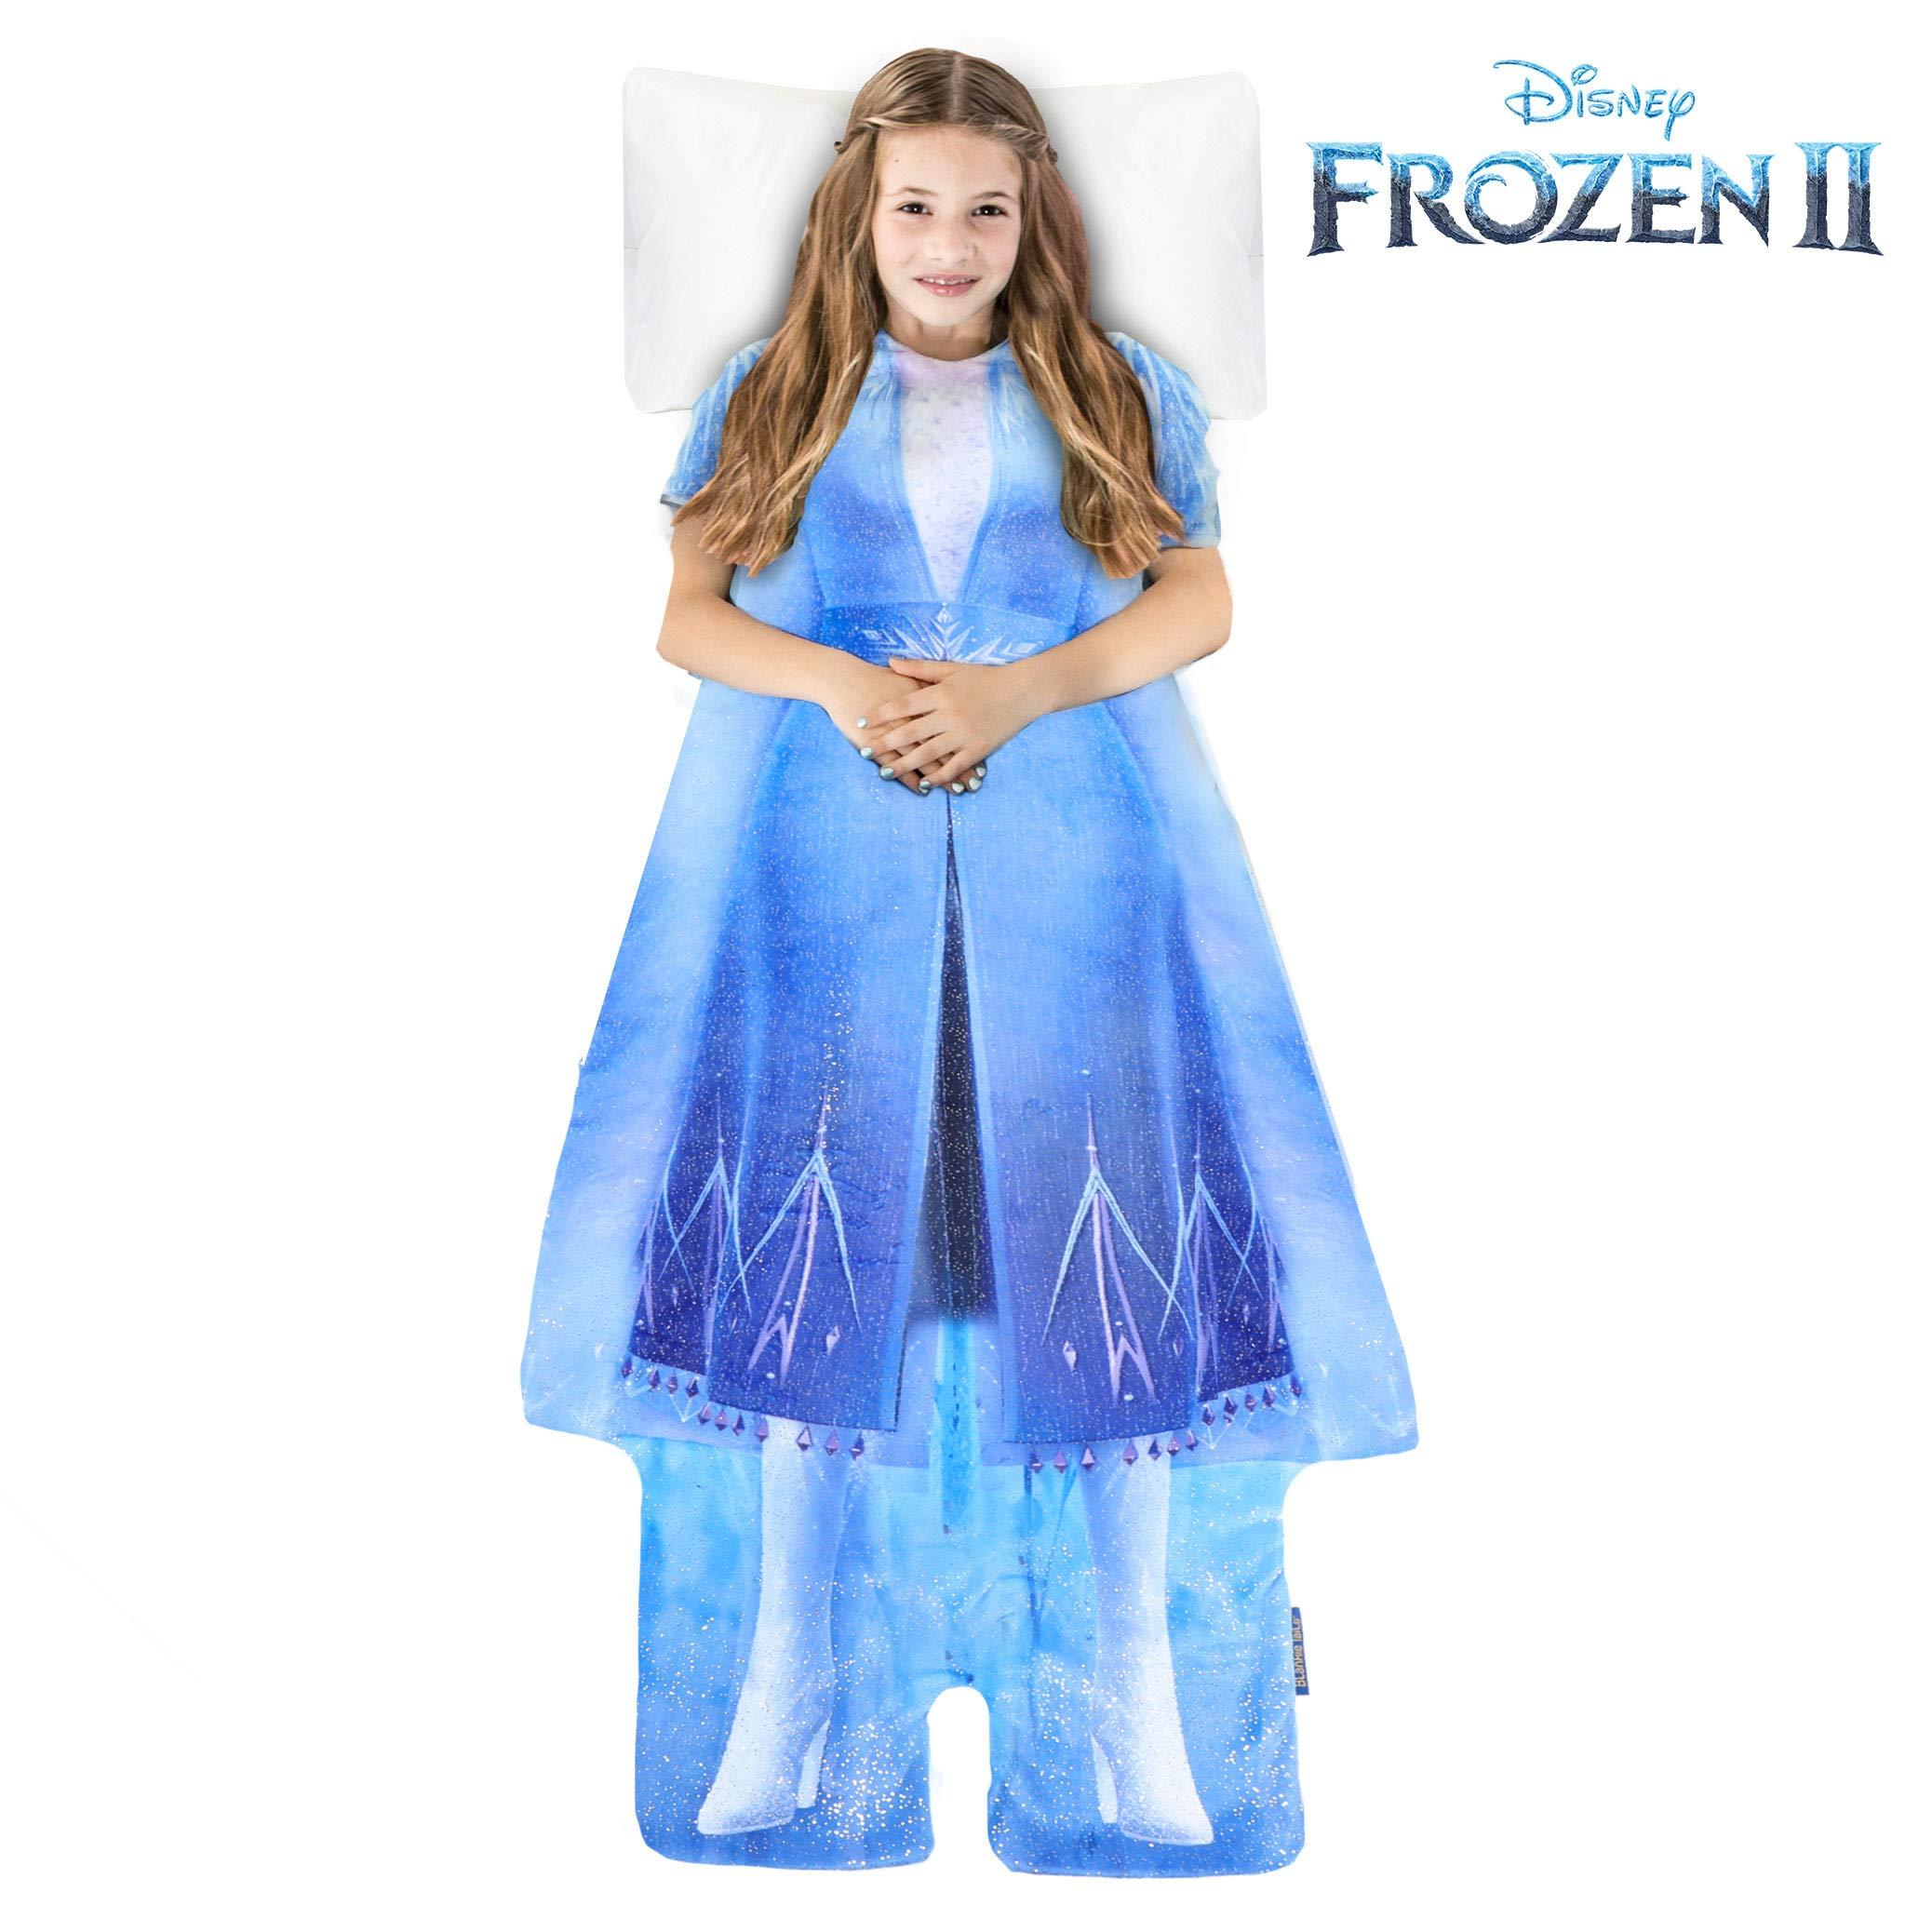 Blankie Tails Disney Frozen 2 Adventure Elsa Wearable Blanket by Blankie Tails